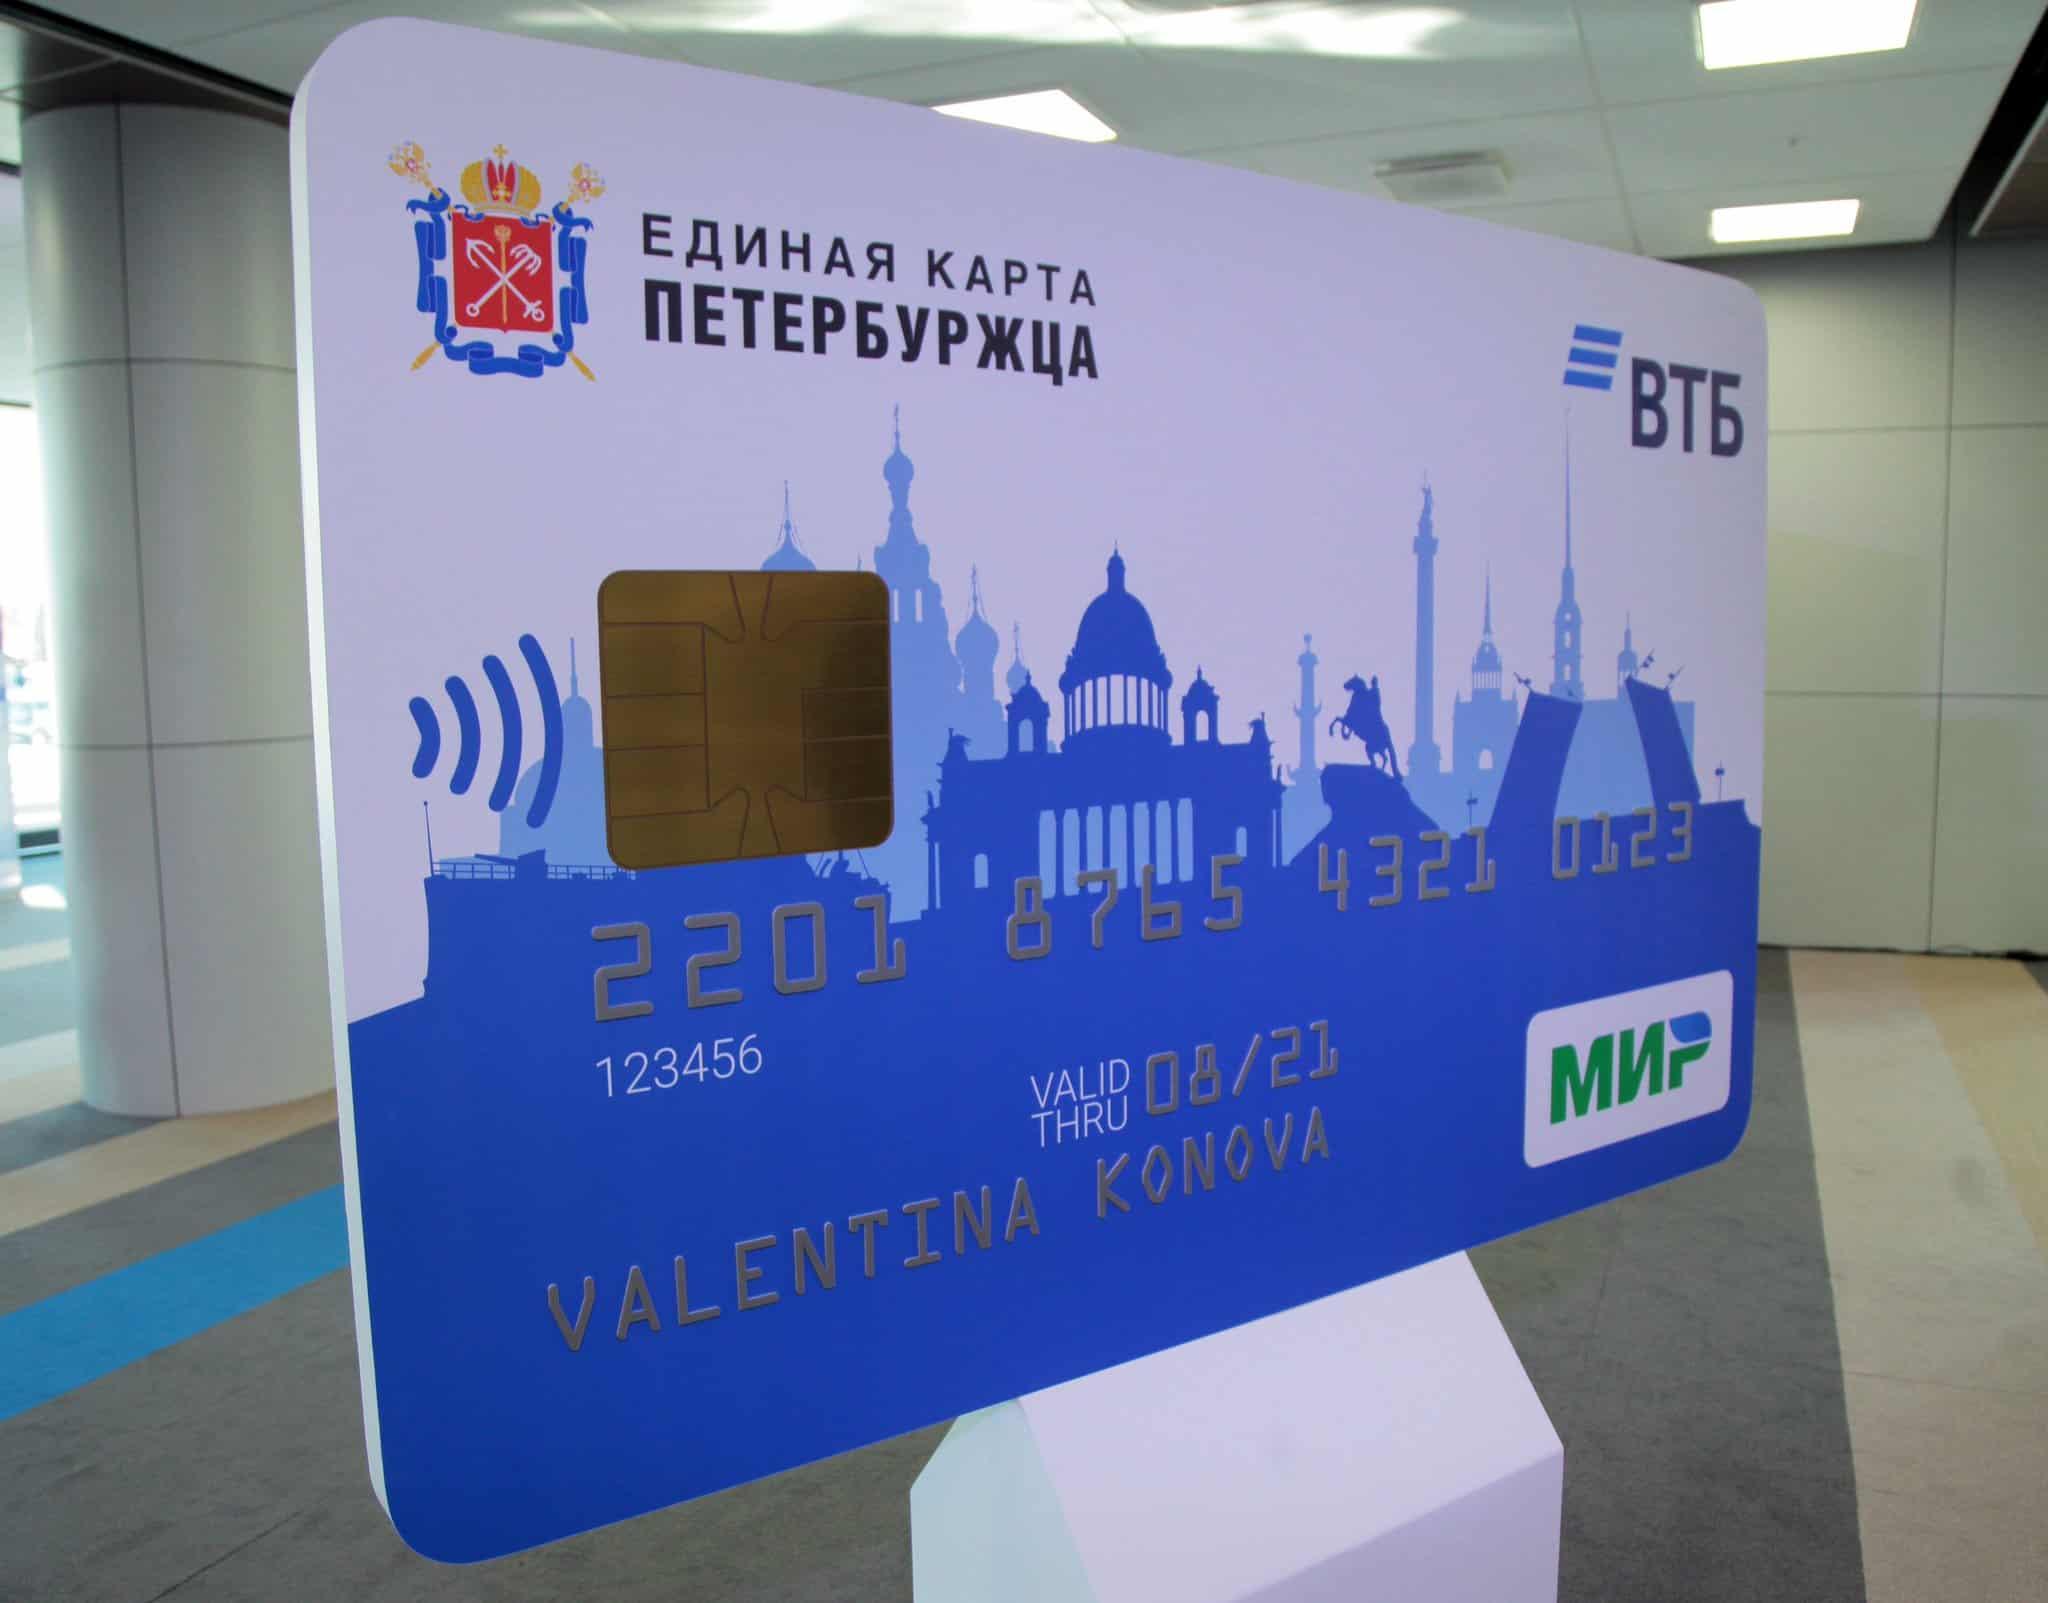 Единая Карта Петербуржца: зачем нужна, кто может получить